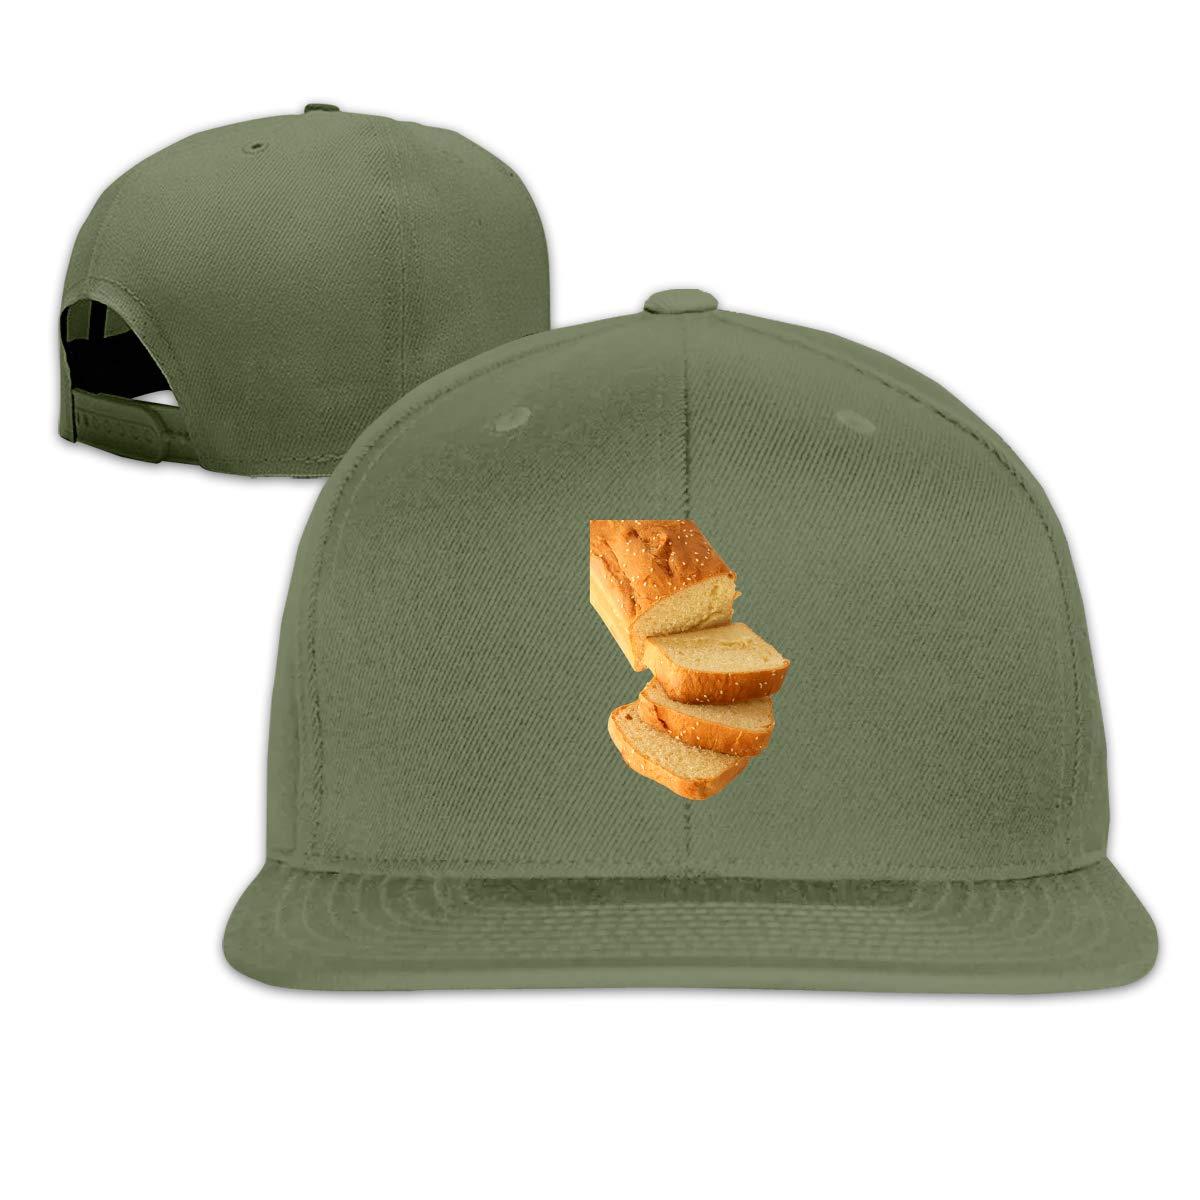 Bread Flat Brim Baseball Cap Adjustable Snapback Trucker Hat Caps Hip Hop Hat